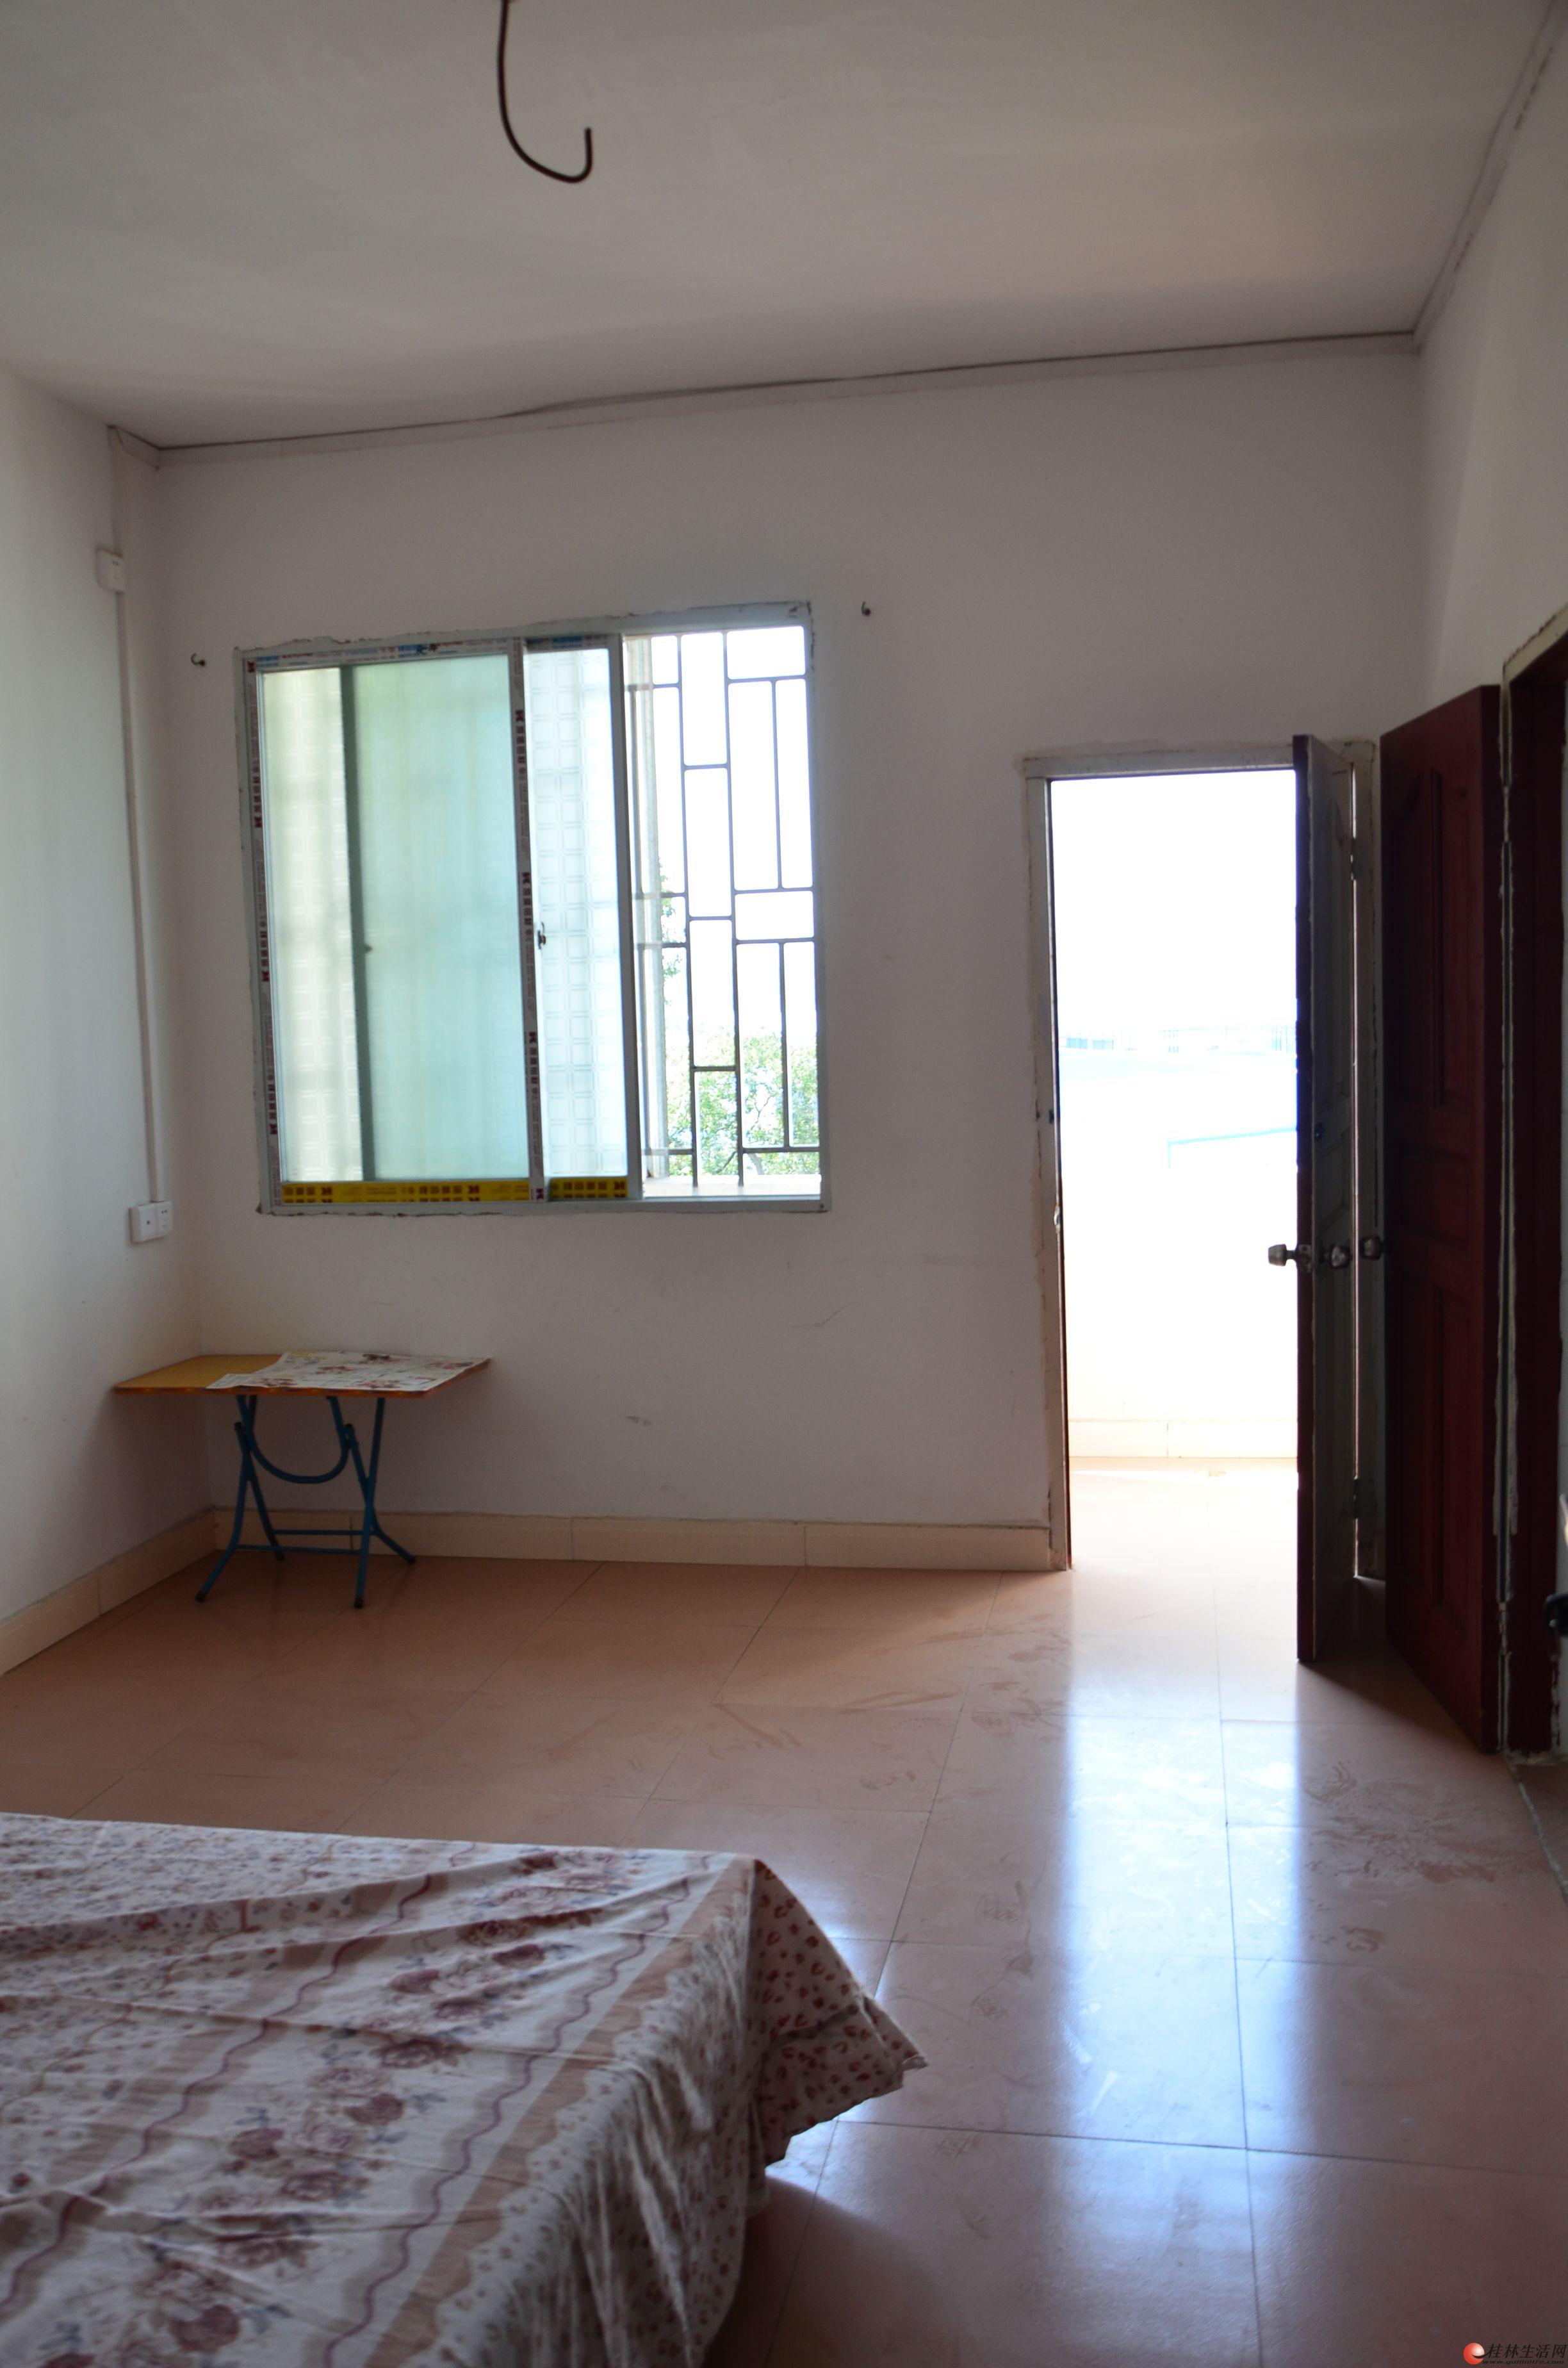 房子是单间配套,厅15㎡,厨房厕所4㎡,阳台5㎡,楼梯走道宽敞,通风采光